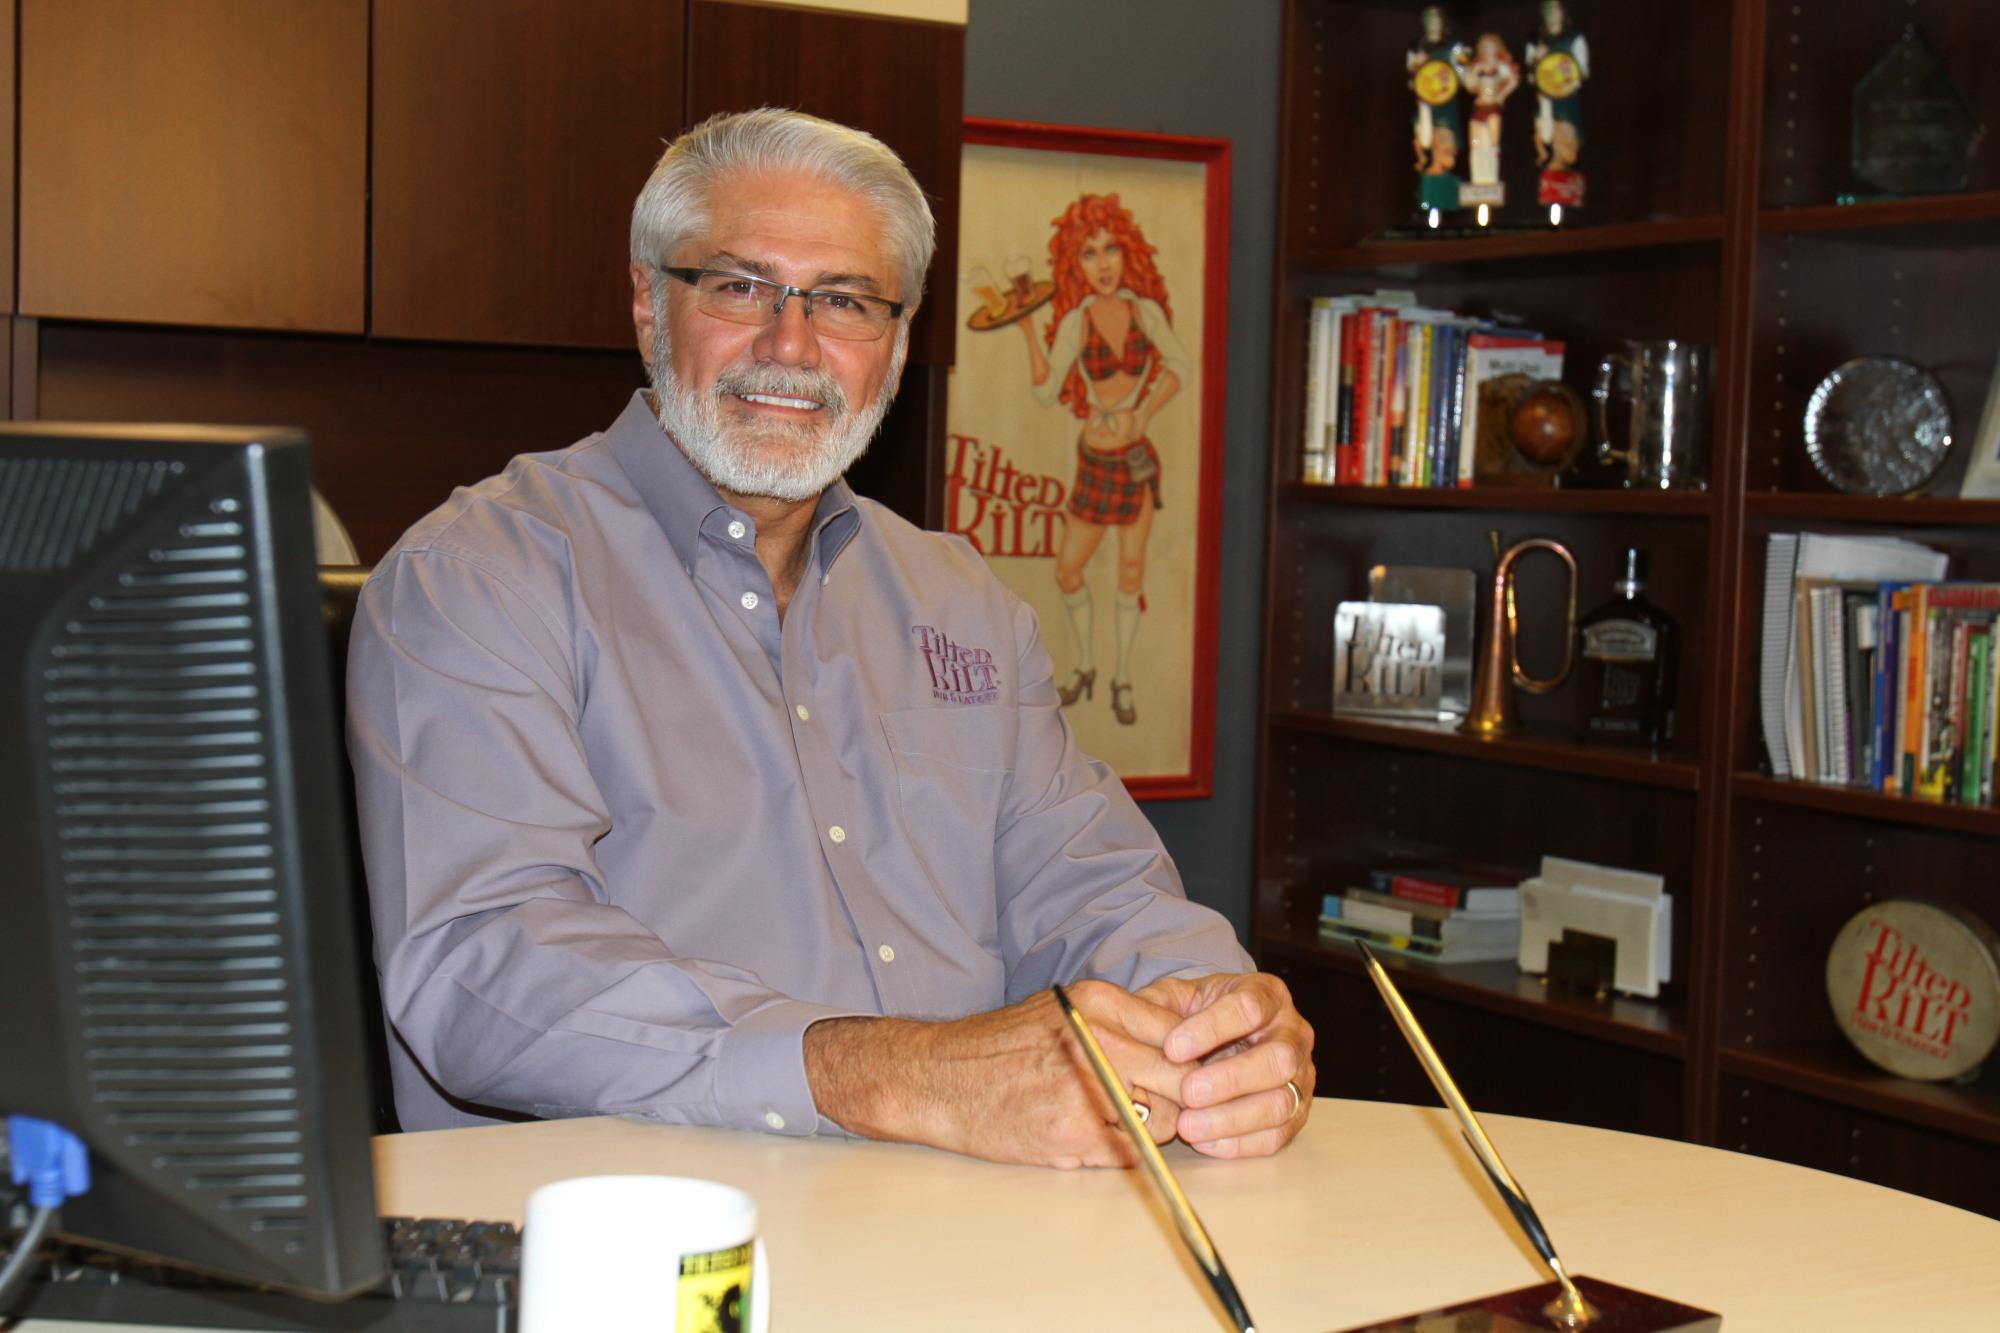 Ron Lynch, President of Tilted Kilt